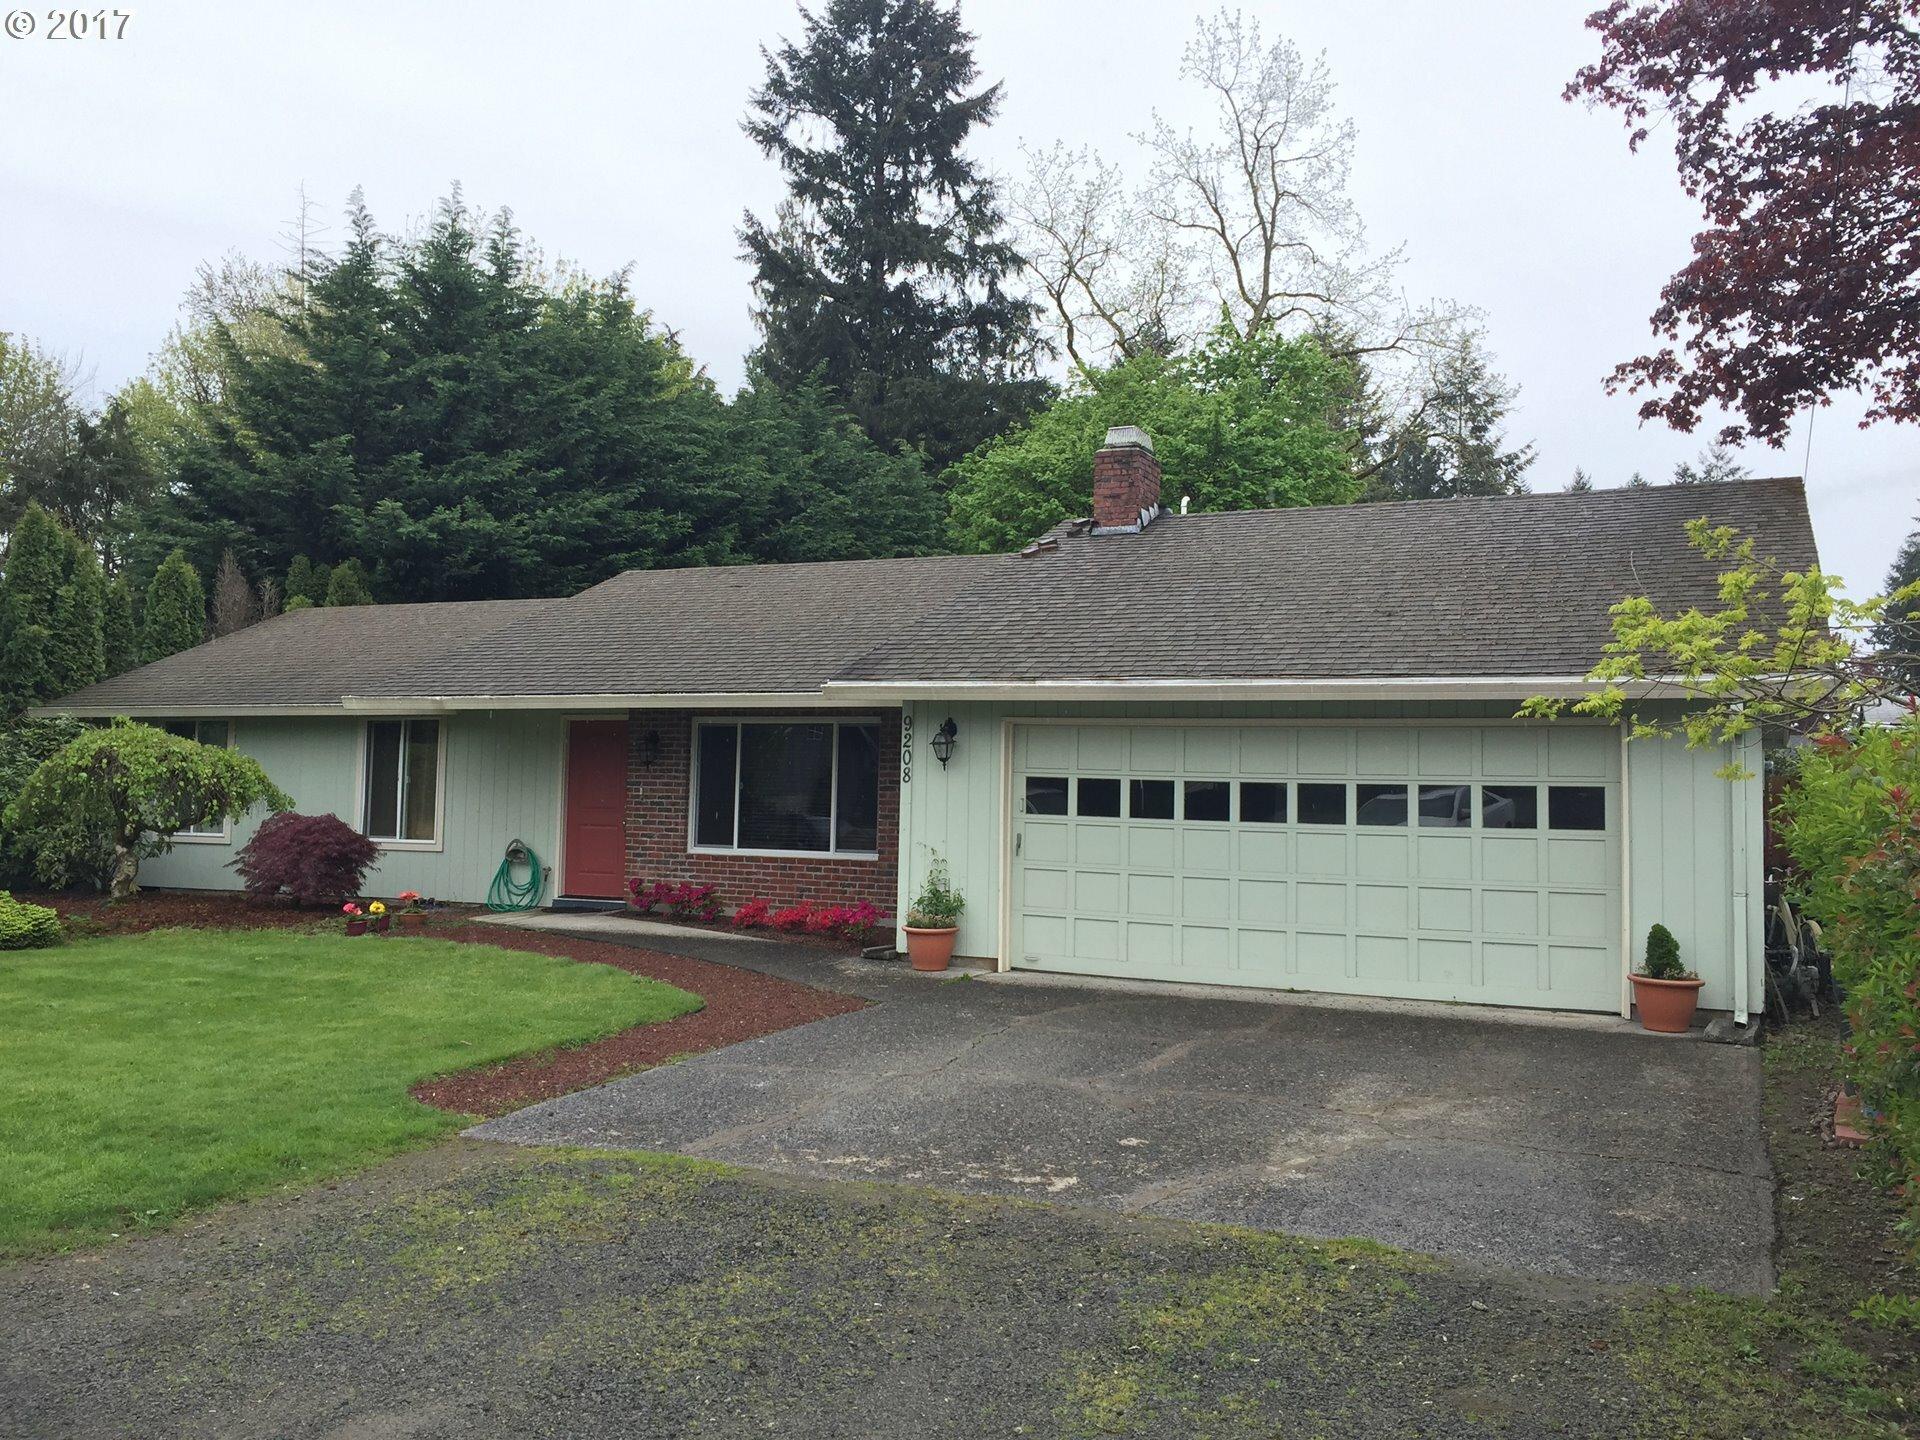 9208 Ne 107th Ave, Vancouver, WA - USA (photo 1)